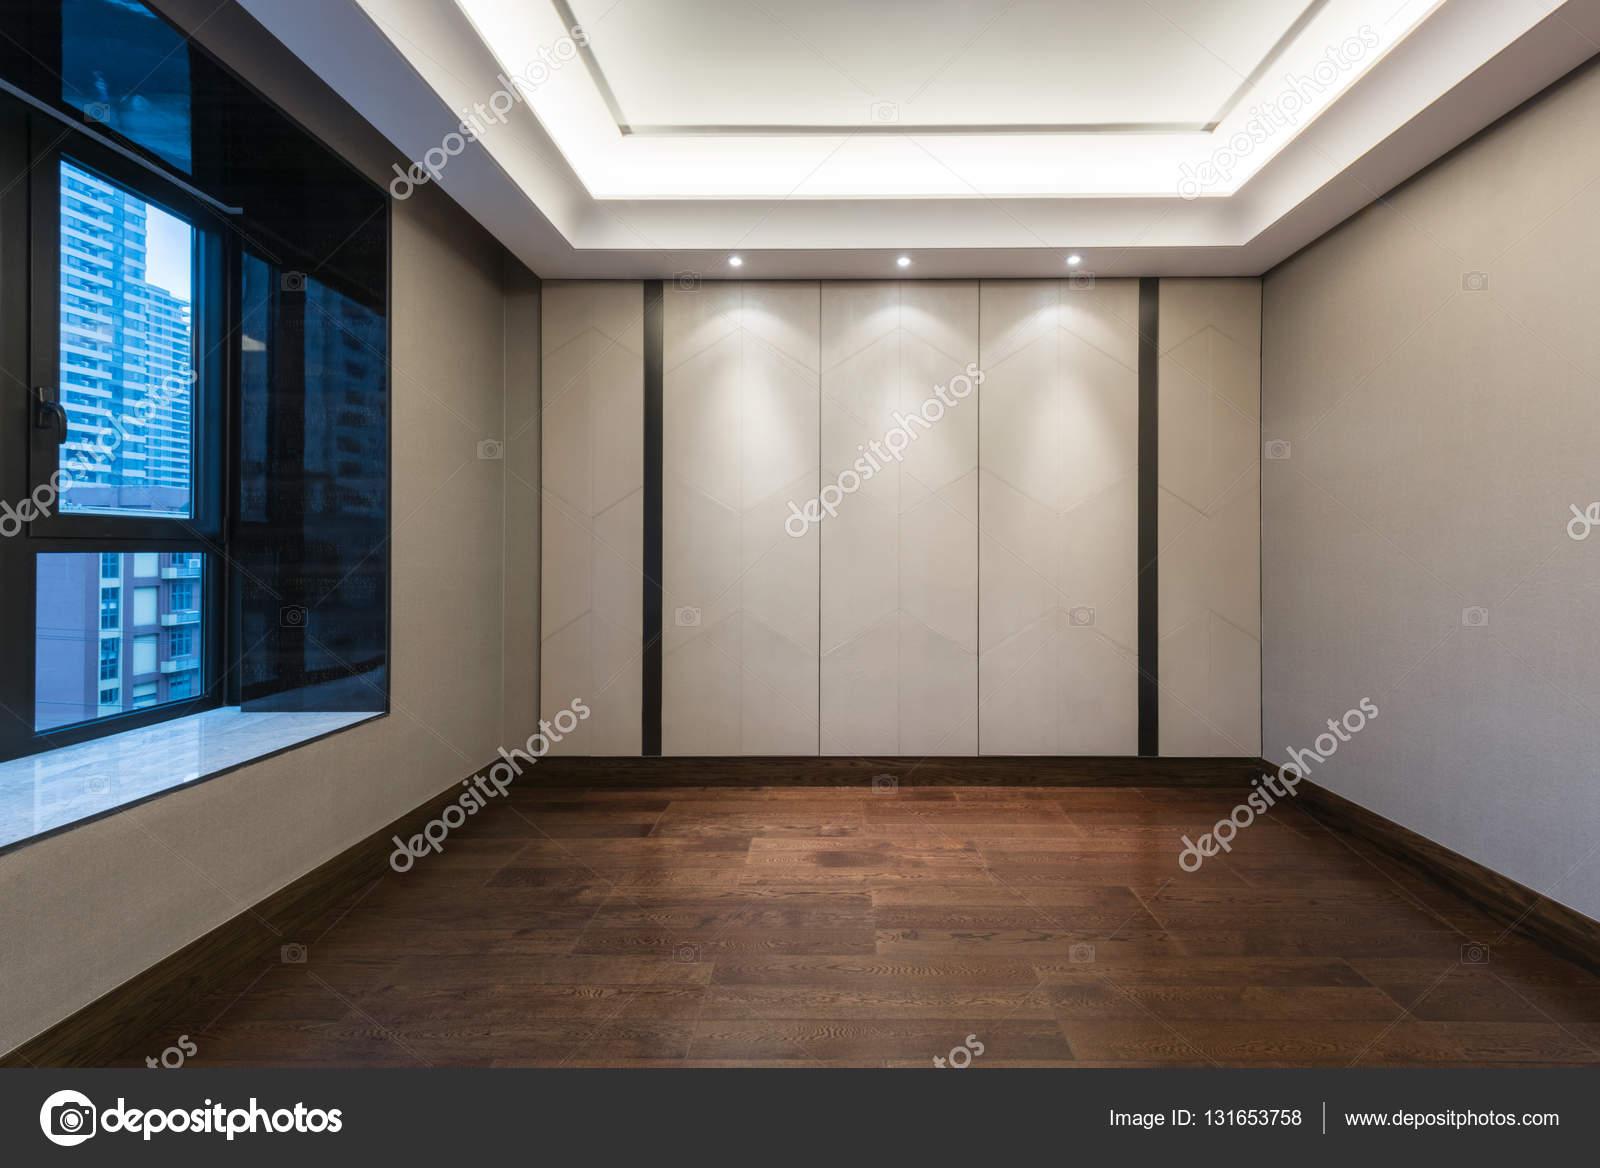 Fußboden Aus Packpapier ~ Leeren raum mit parkett fußboden und wand papier dekoration